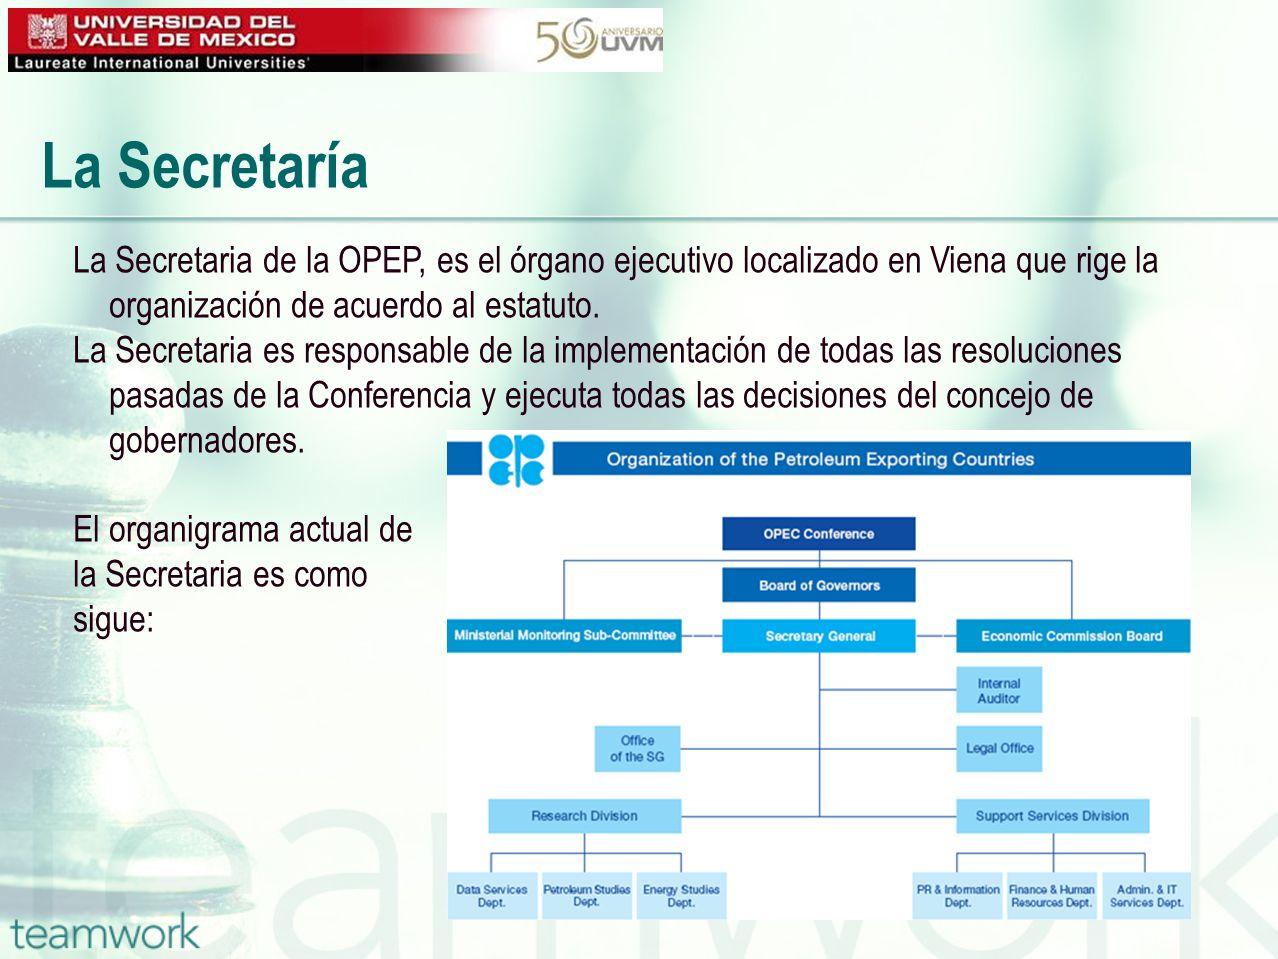 La Secretaría La Secretaria de la OPEP, es el órgano ejecutivo localizado en Viena que rige la organización de acuerdo al estatuto.